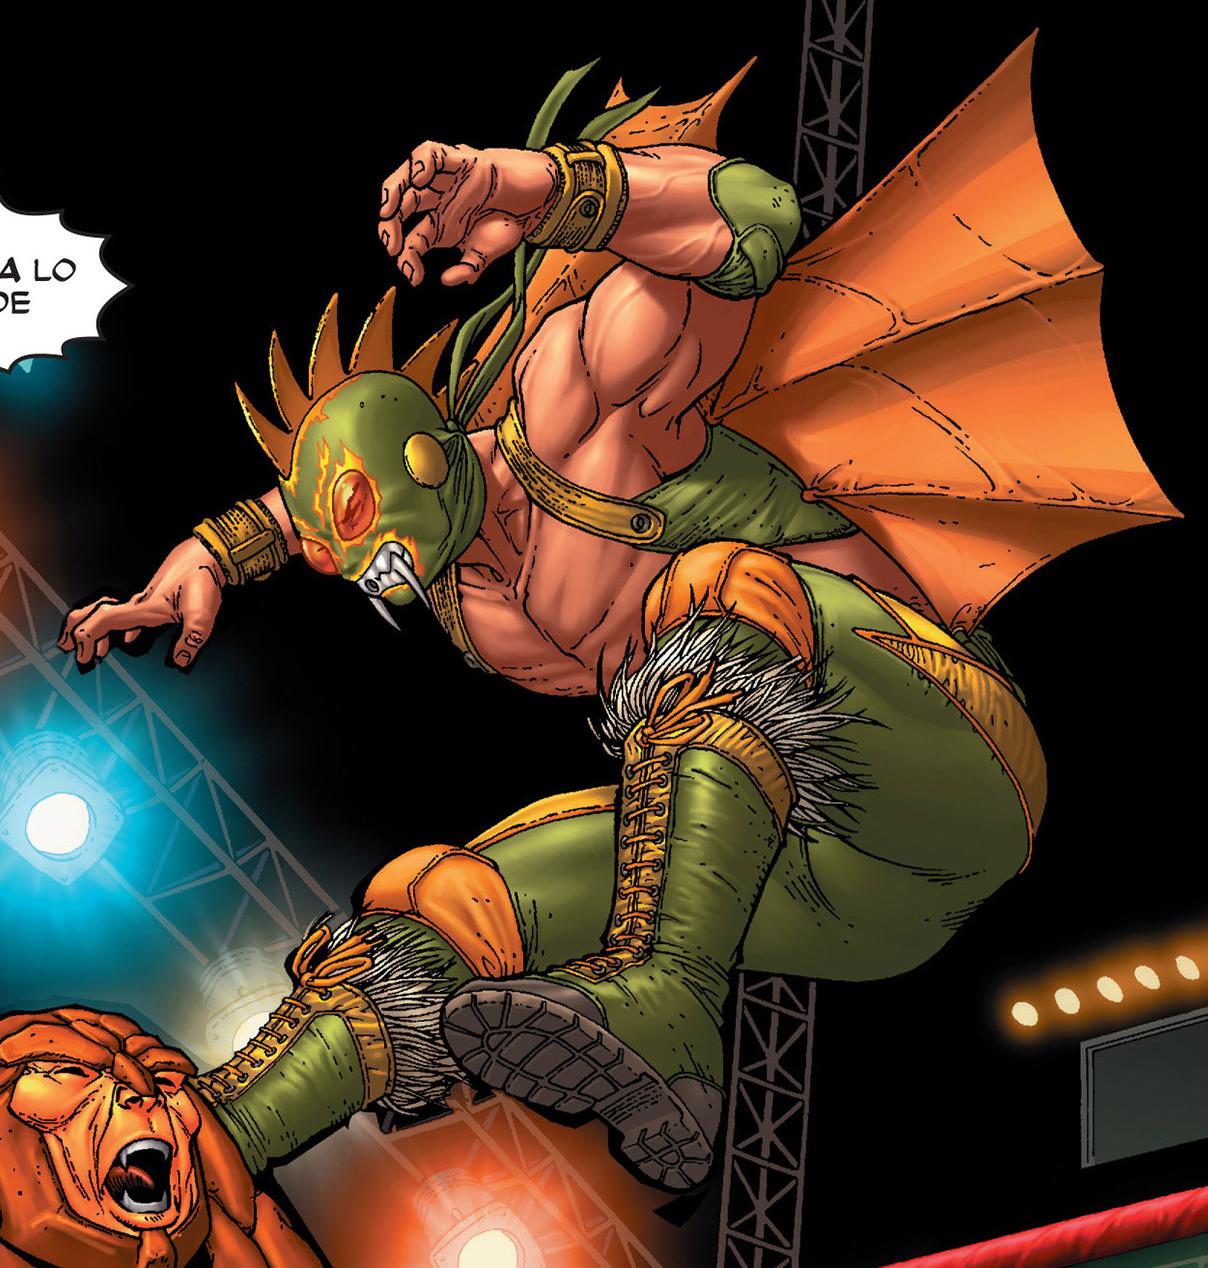 El Chupacabra (Earth-616)